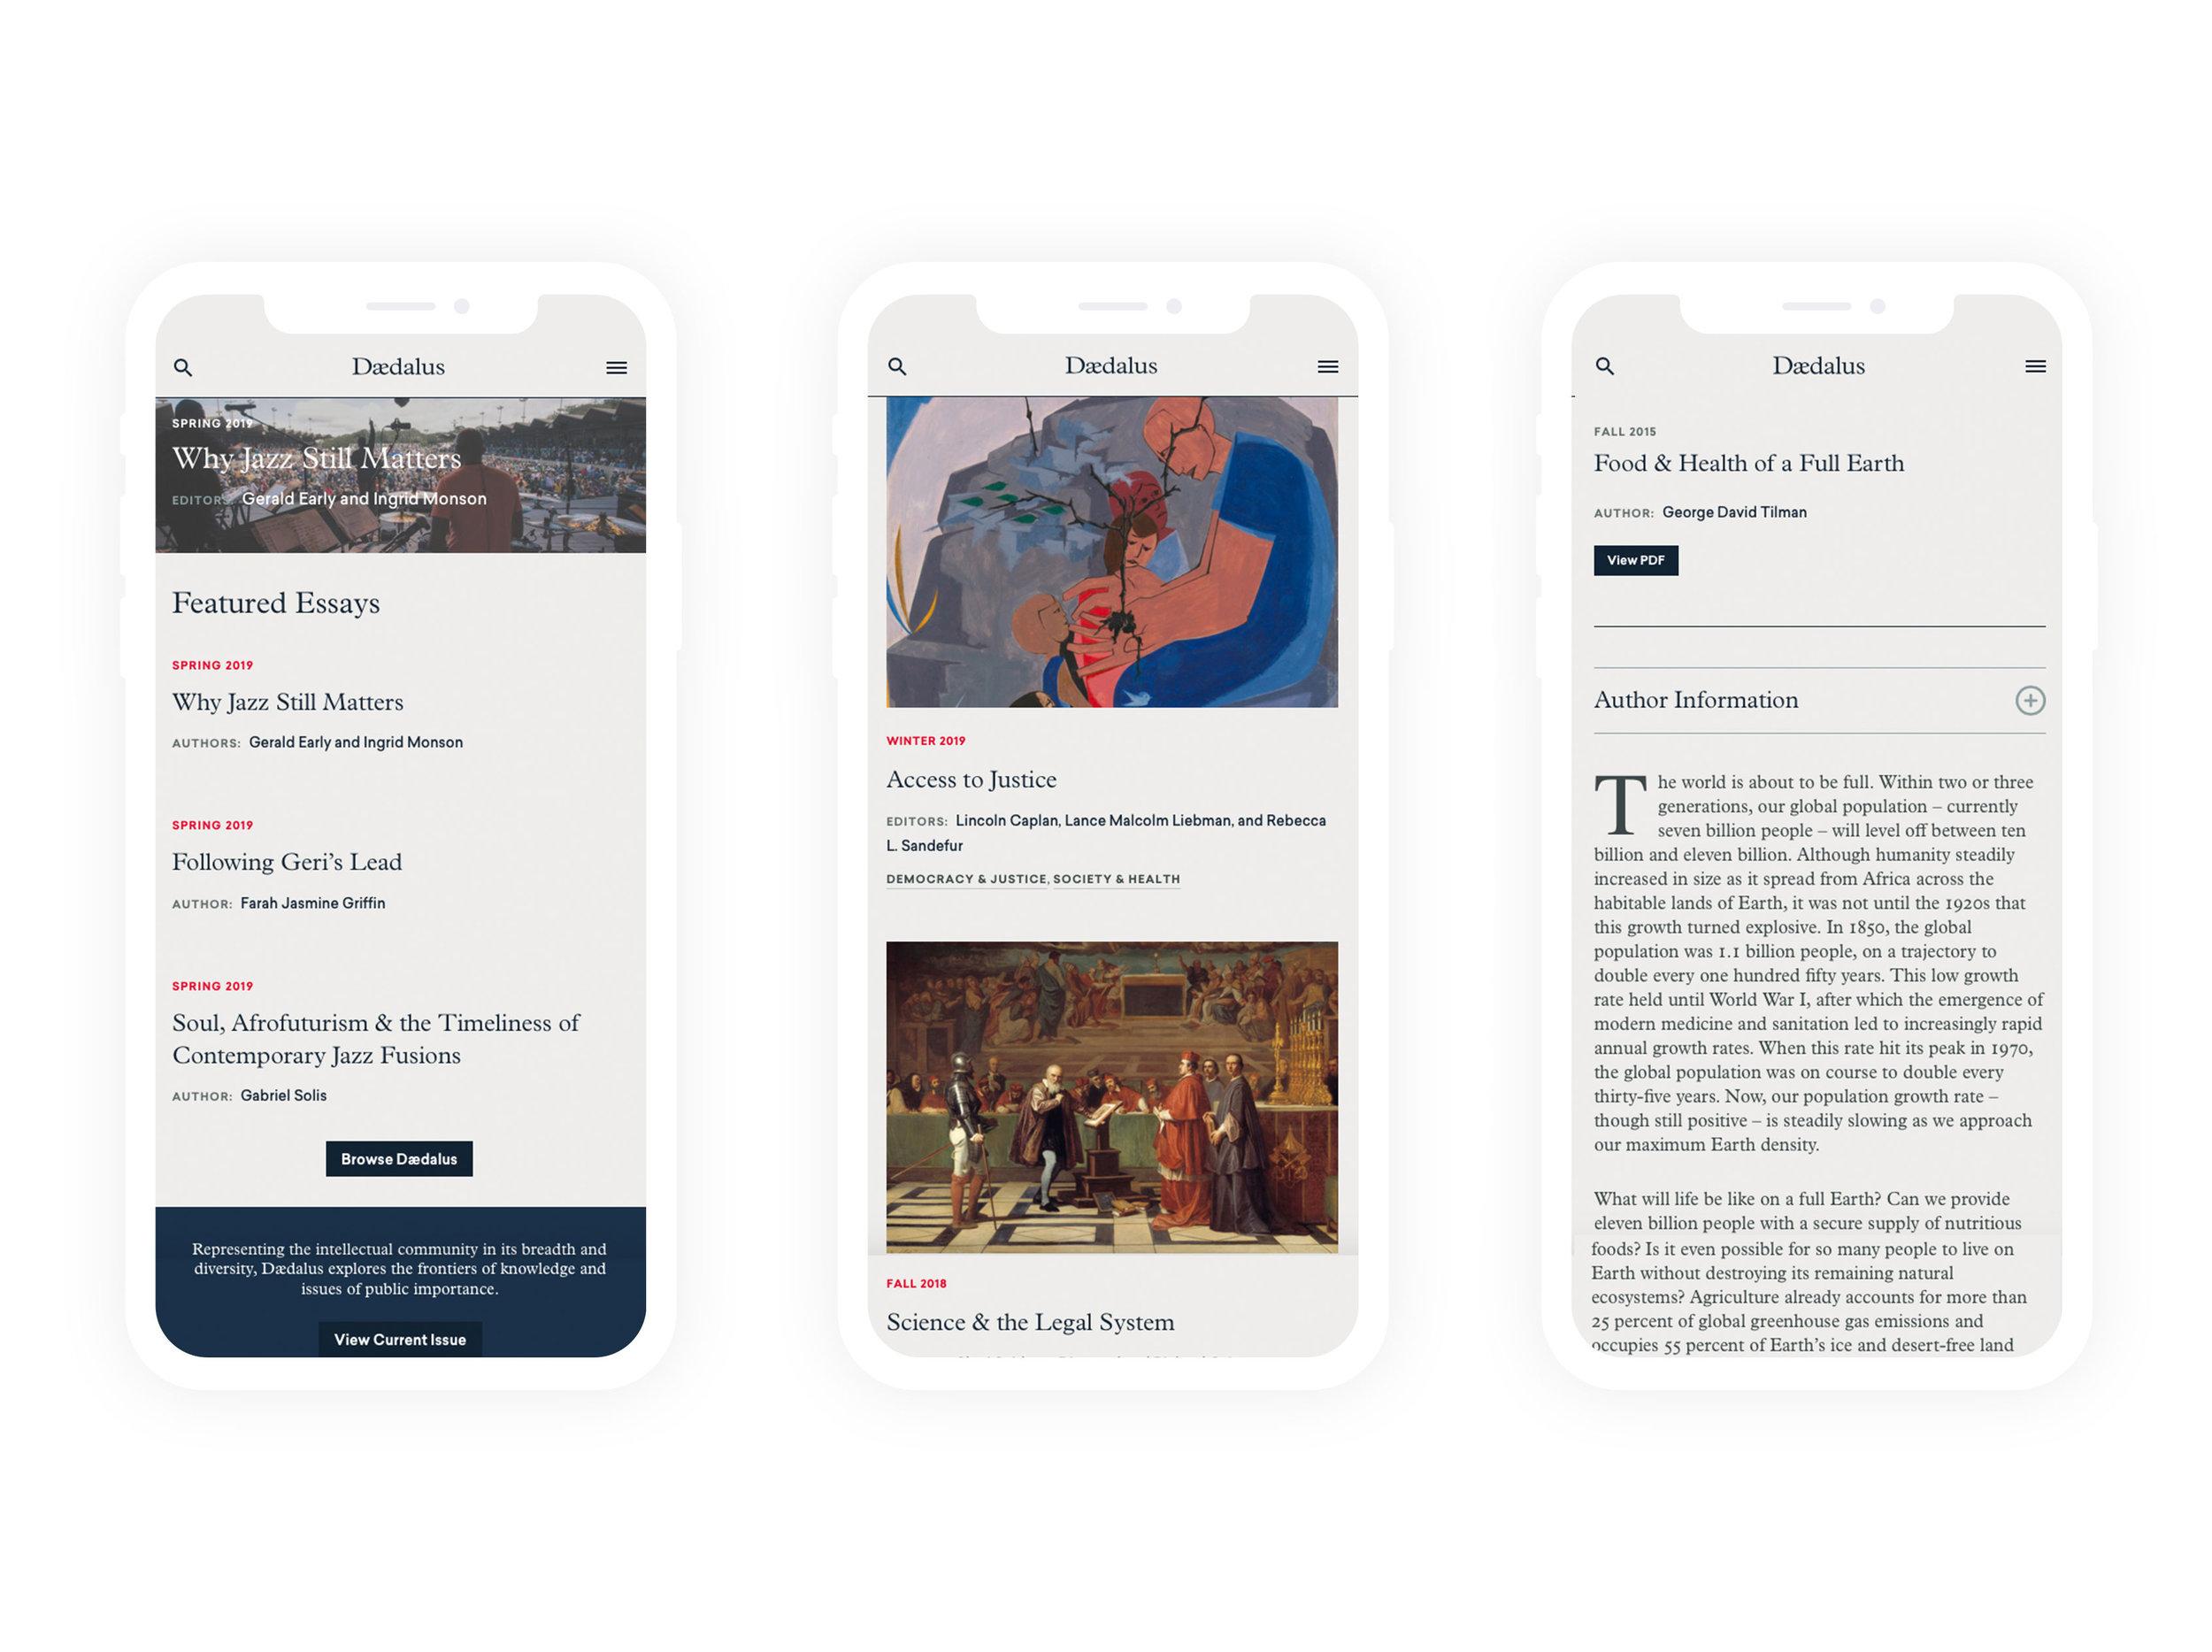 Daedalus_mobile_screens.jpg